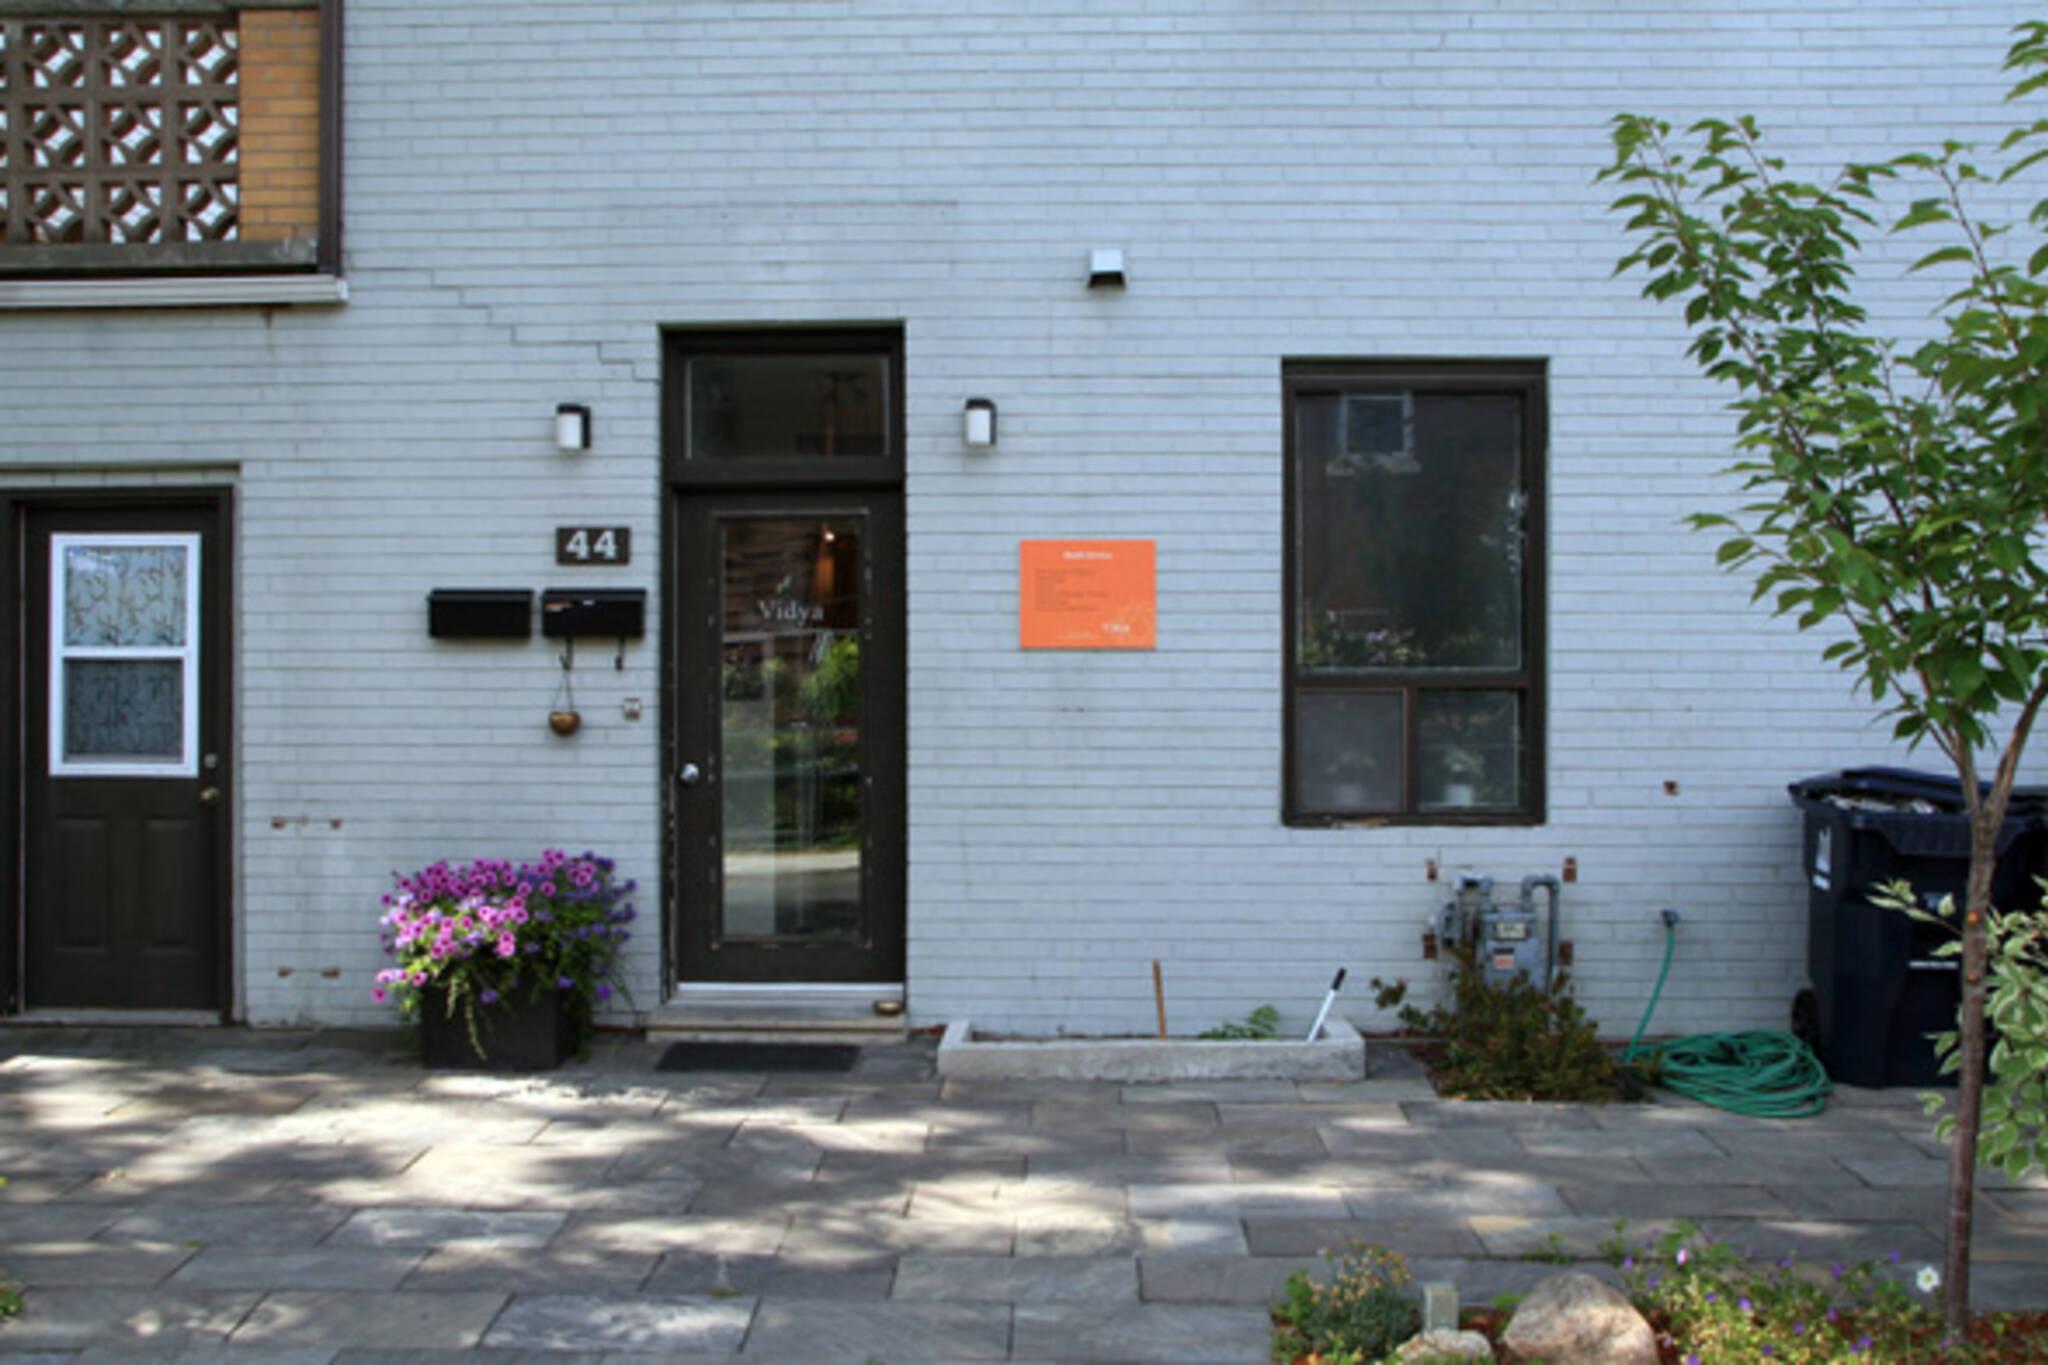 Vidya Institute Toronto